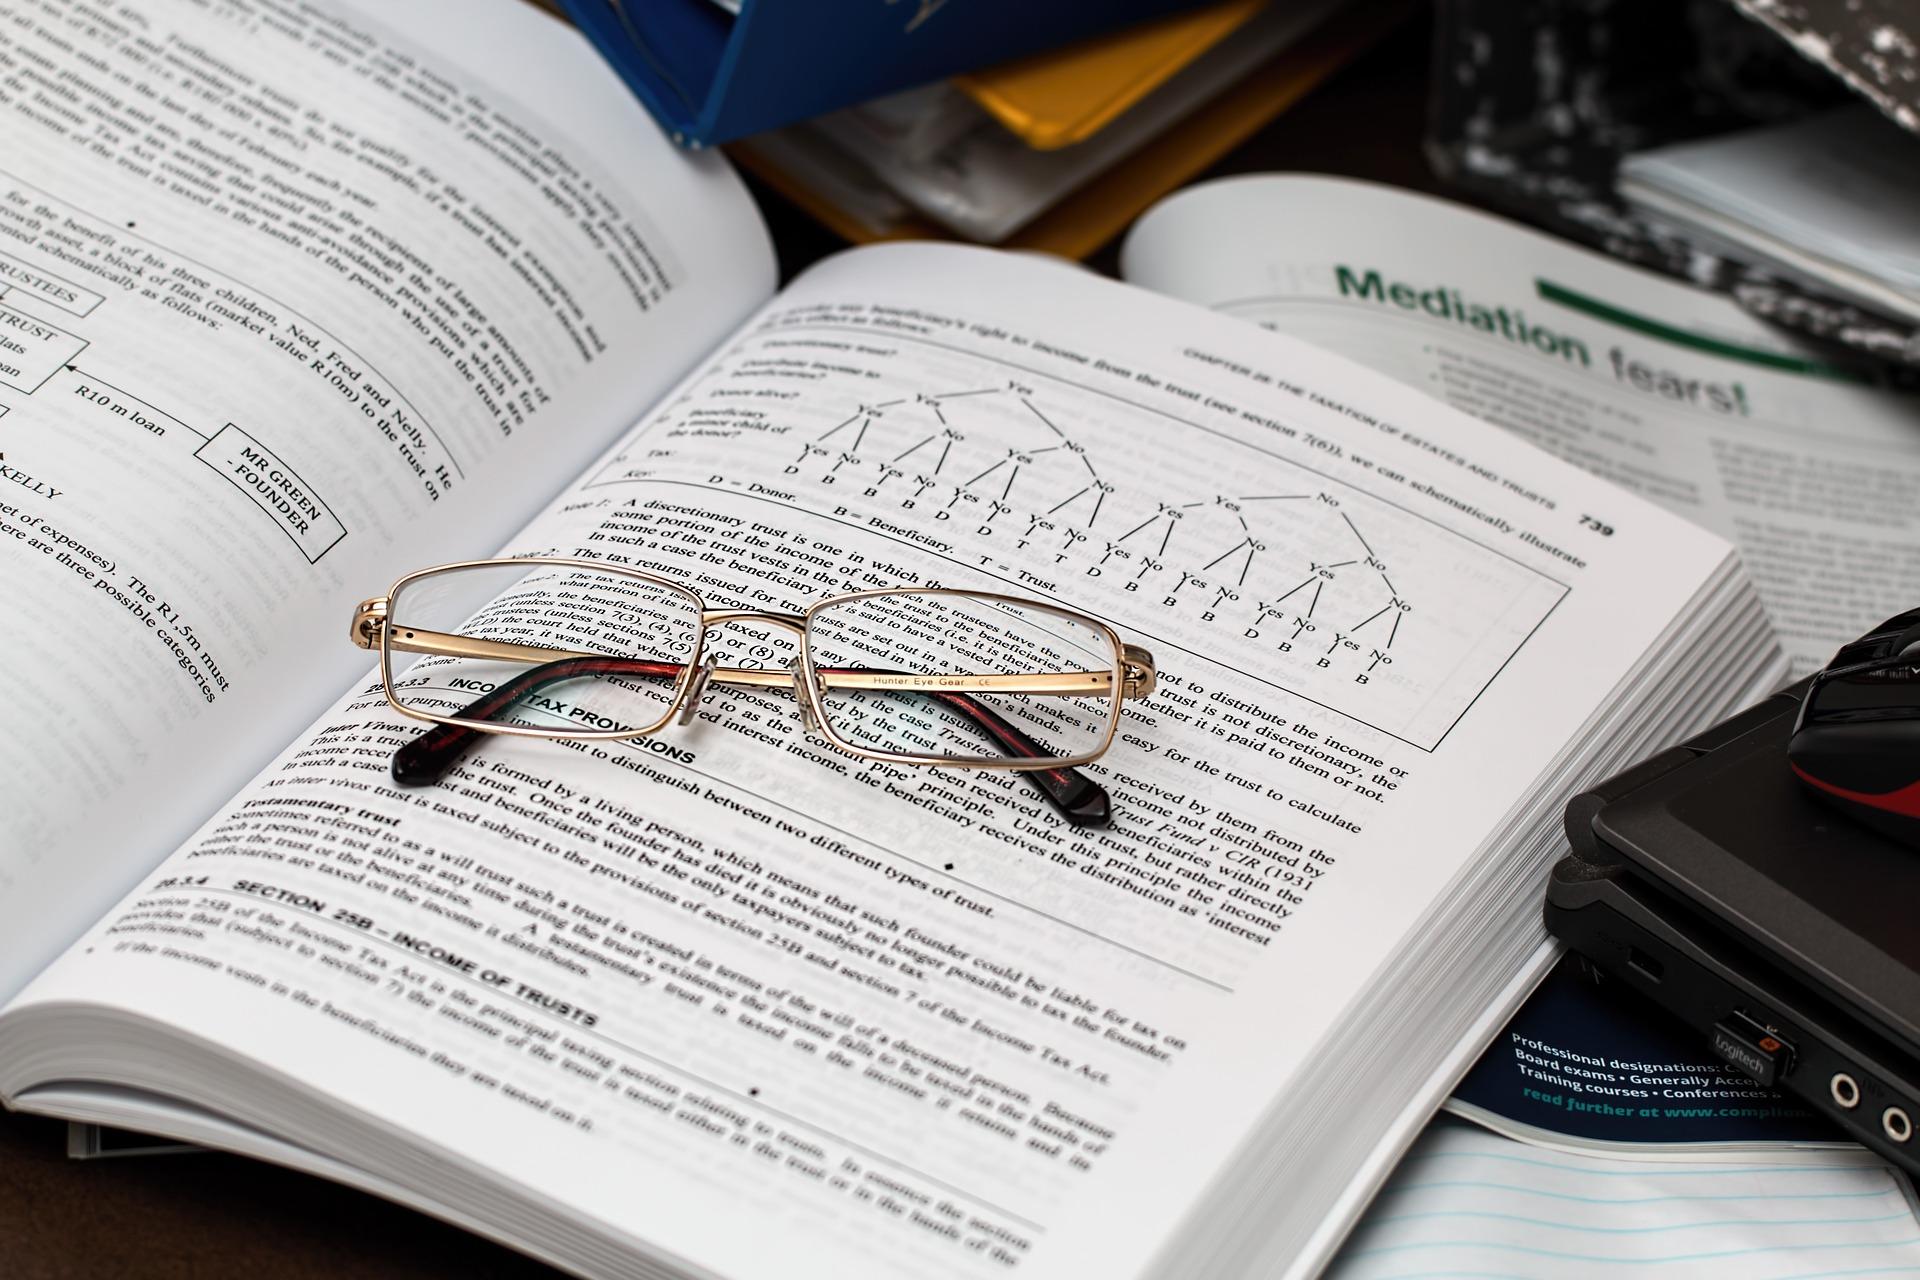 Imagem mostra um livro de contabilidade aberto sobre uma mesa.